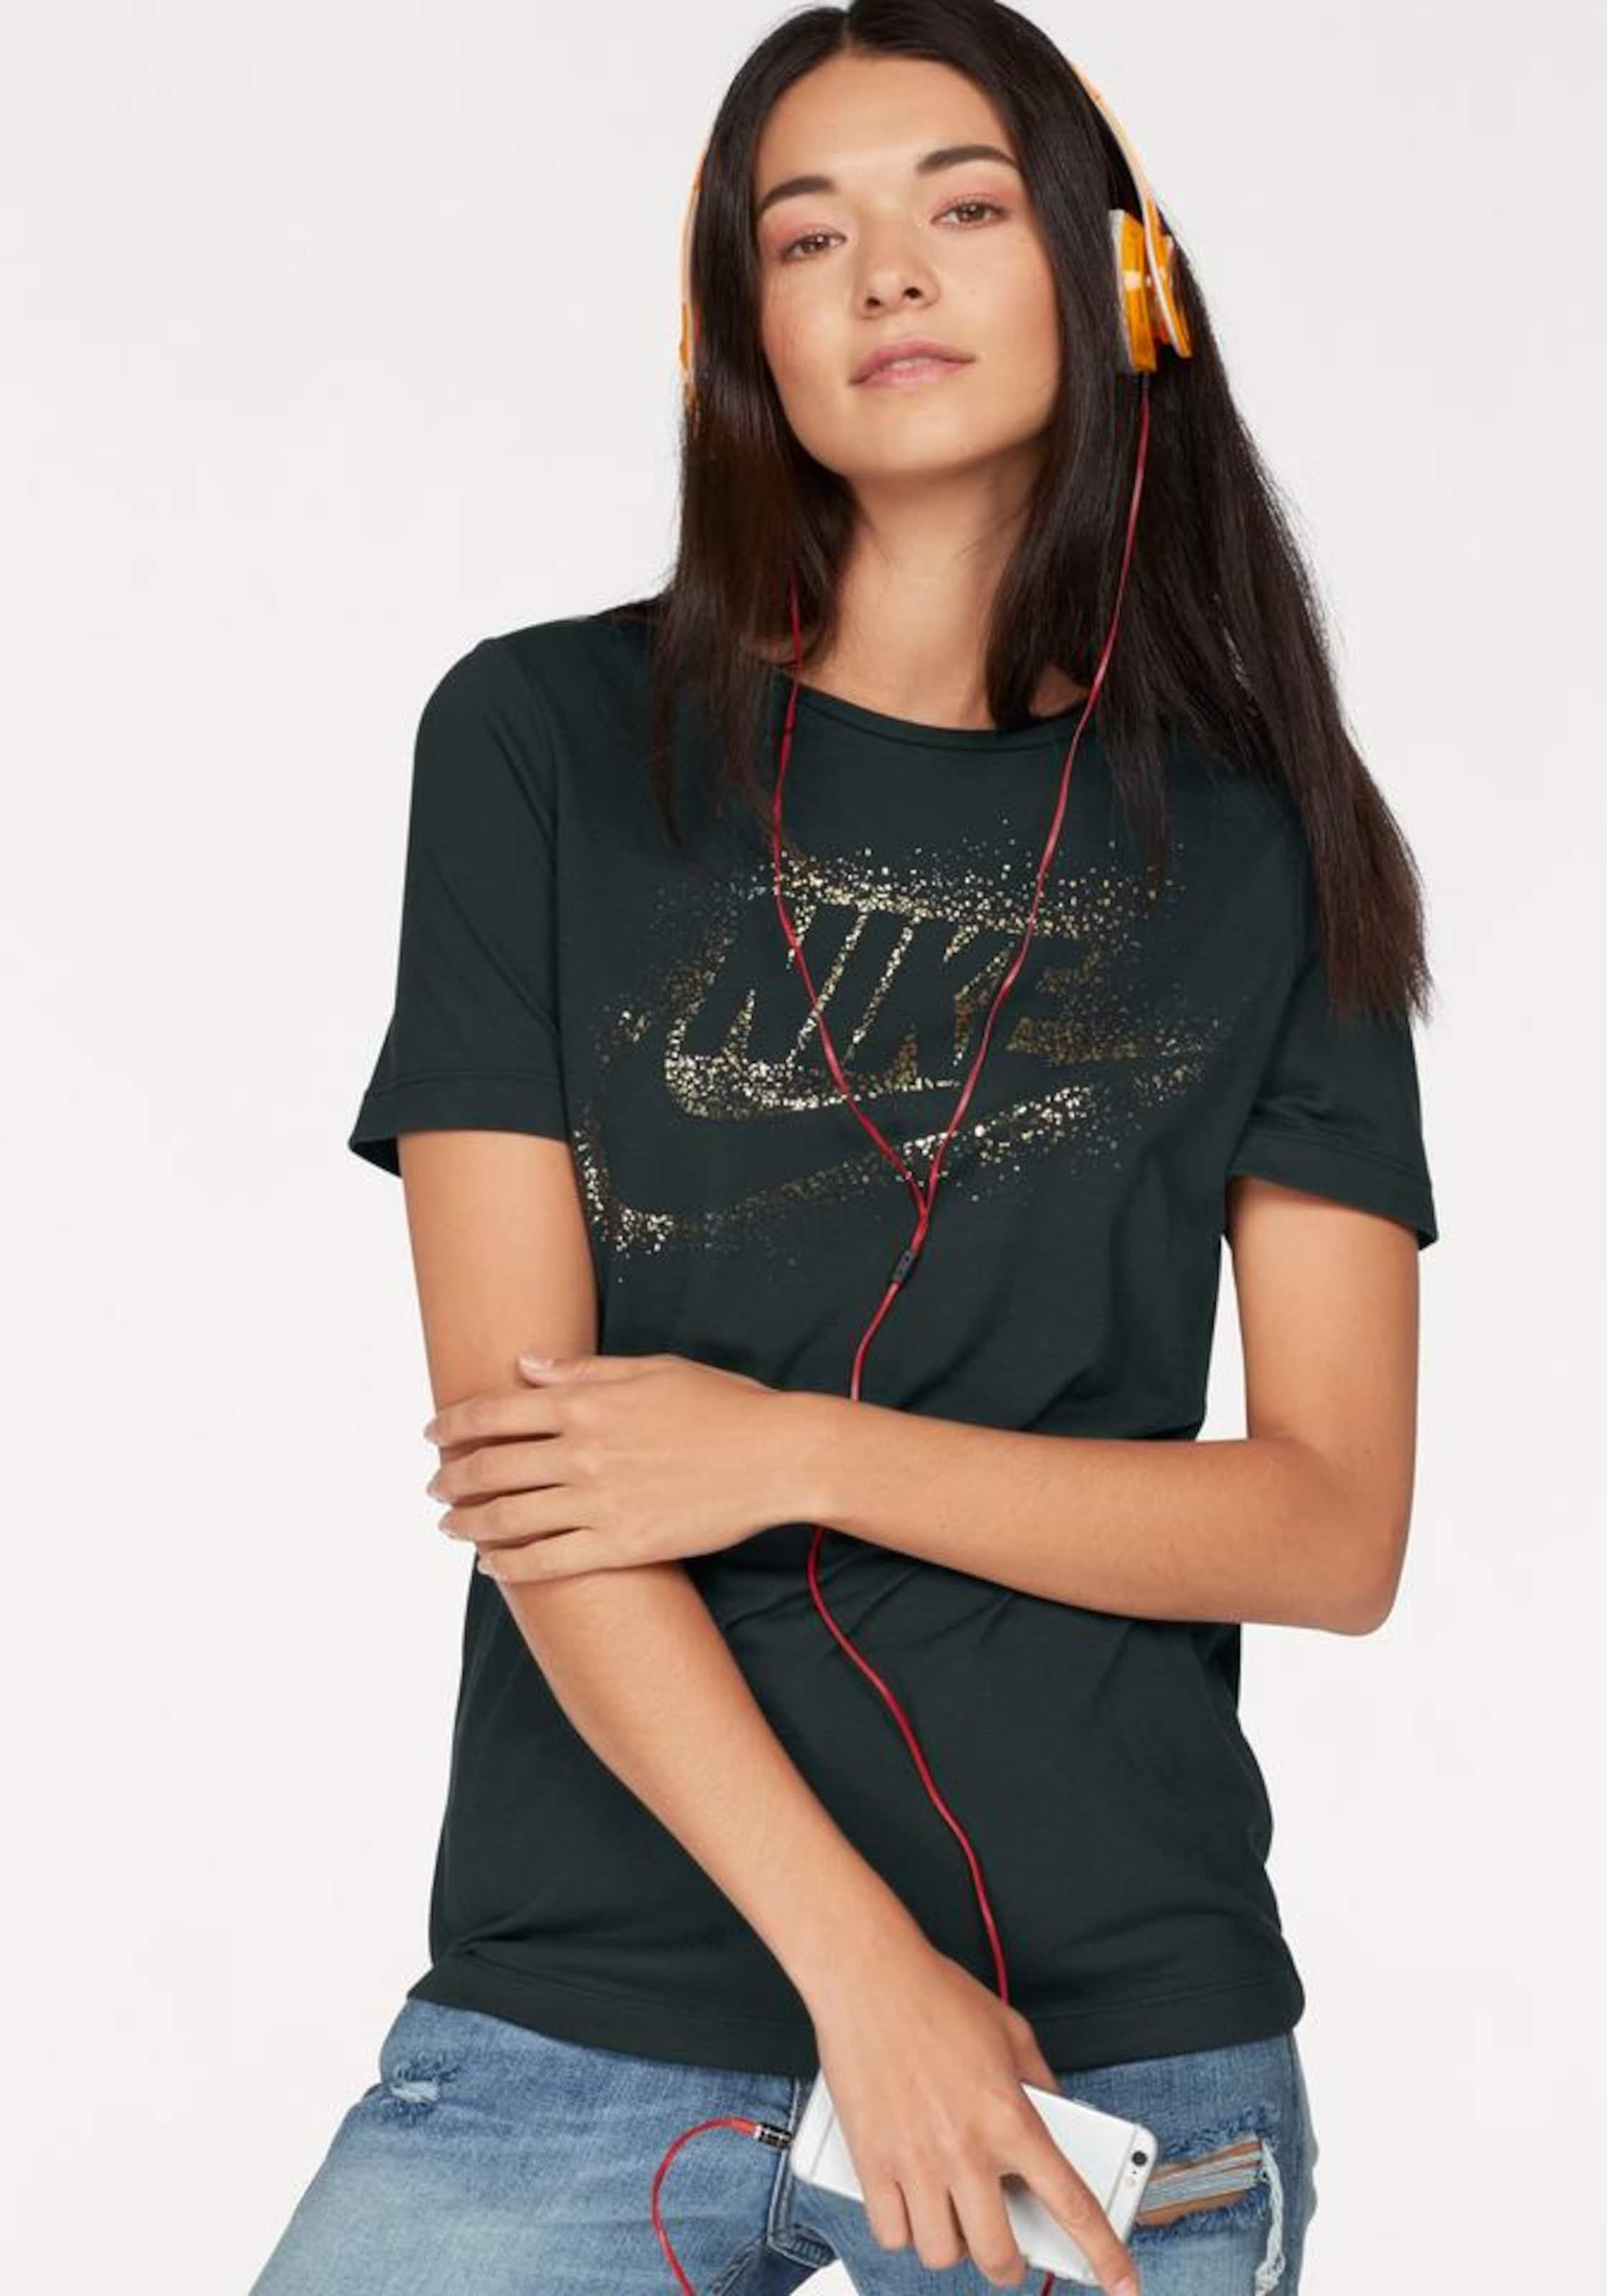 Nike Sportswear T-Shirt 'Essential' Freies Verschiffen 2018 Neueste Besuchen Neue Günstig Online Erkunden AzGaXtcW